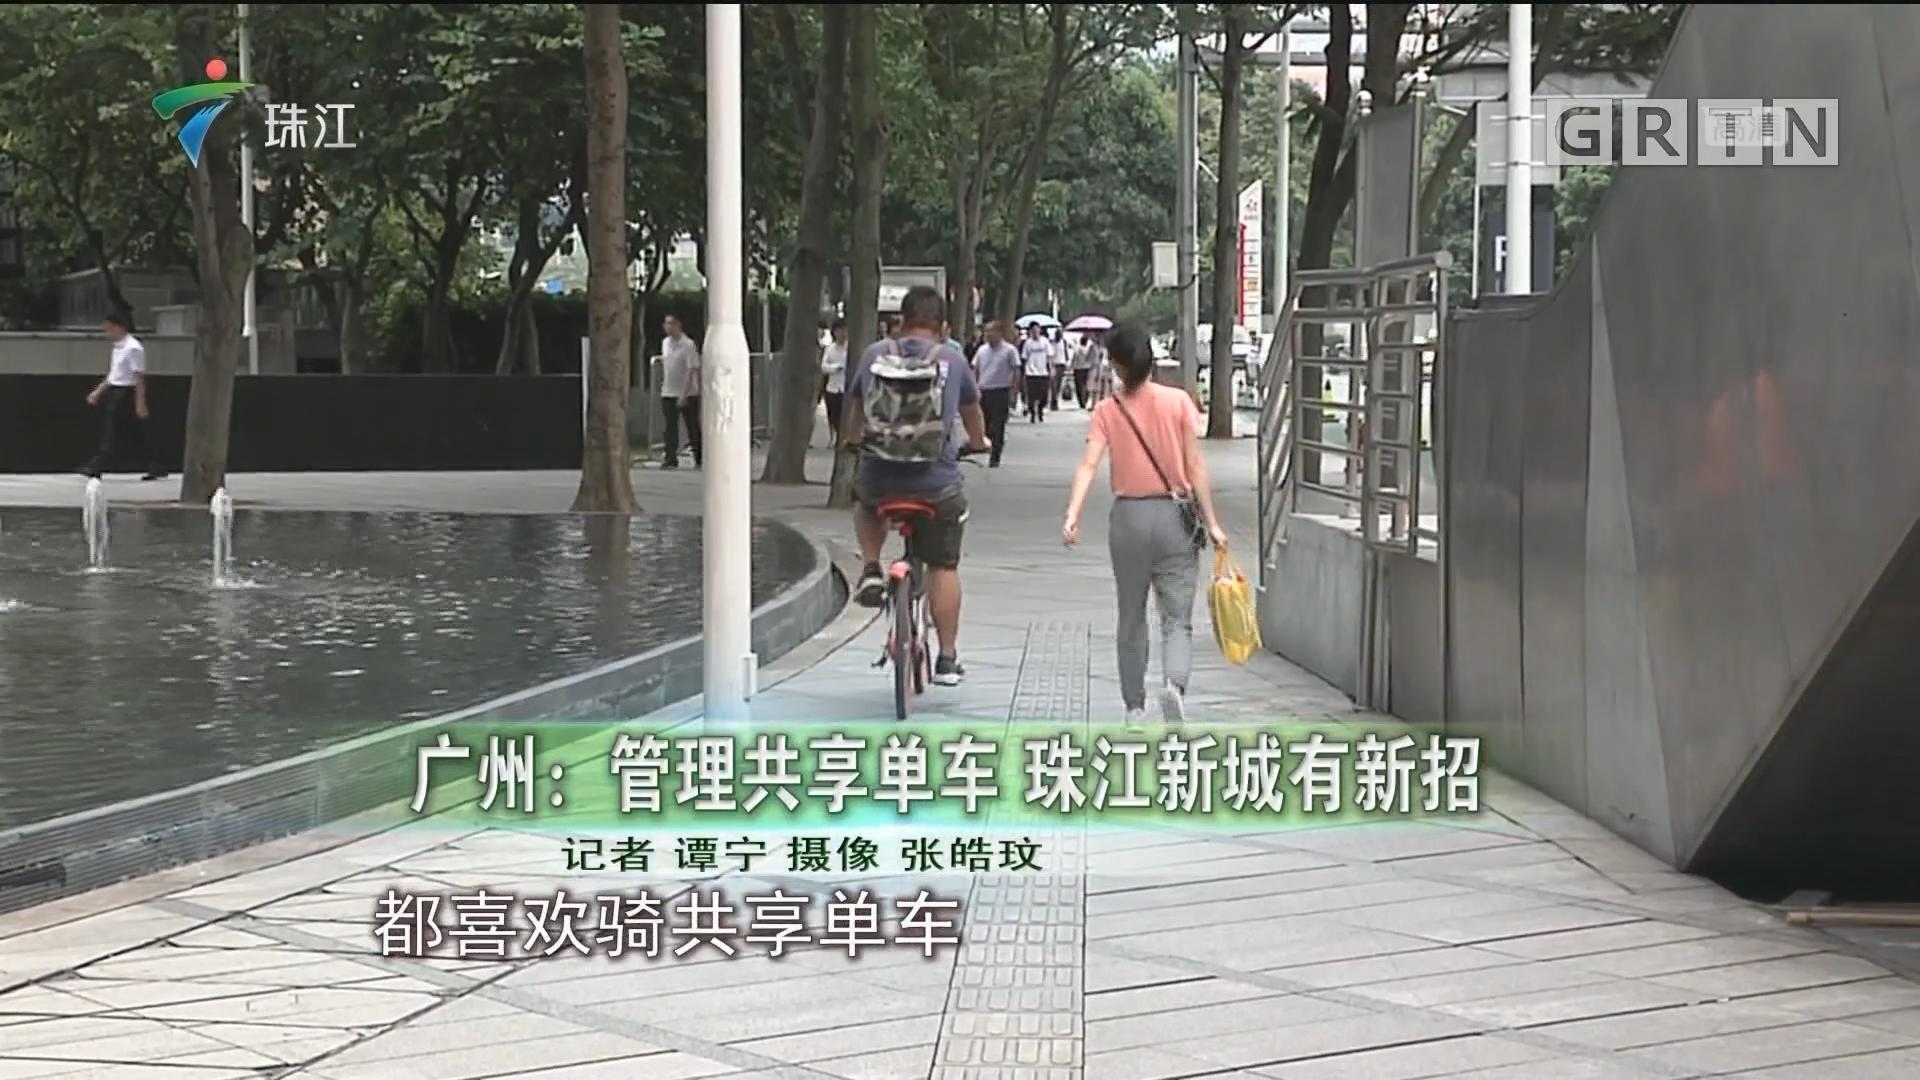 广州:管理共享单车 珠江新城有新招